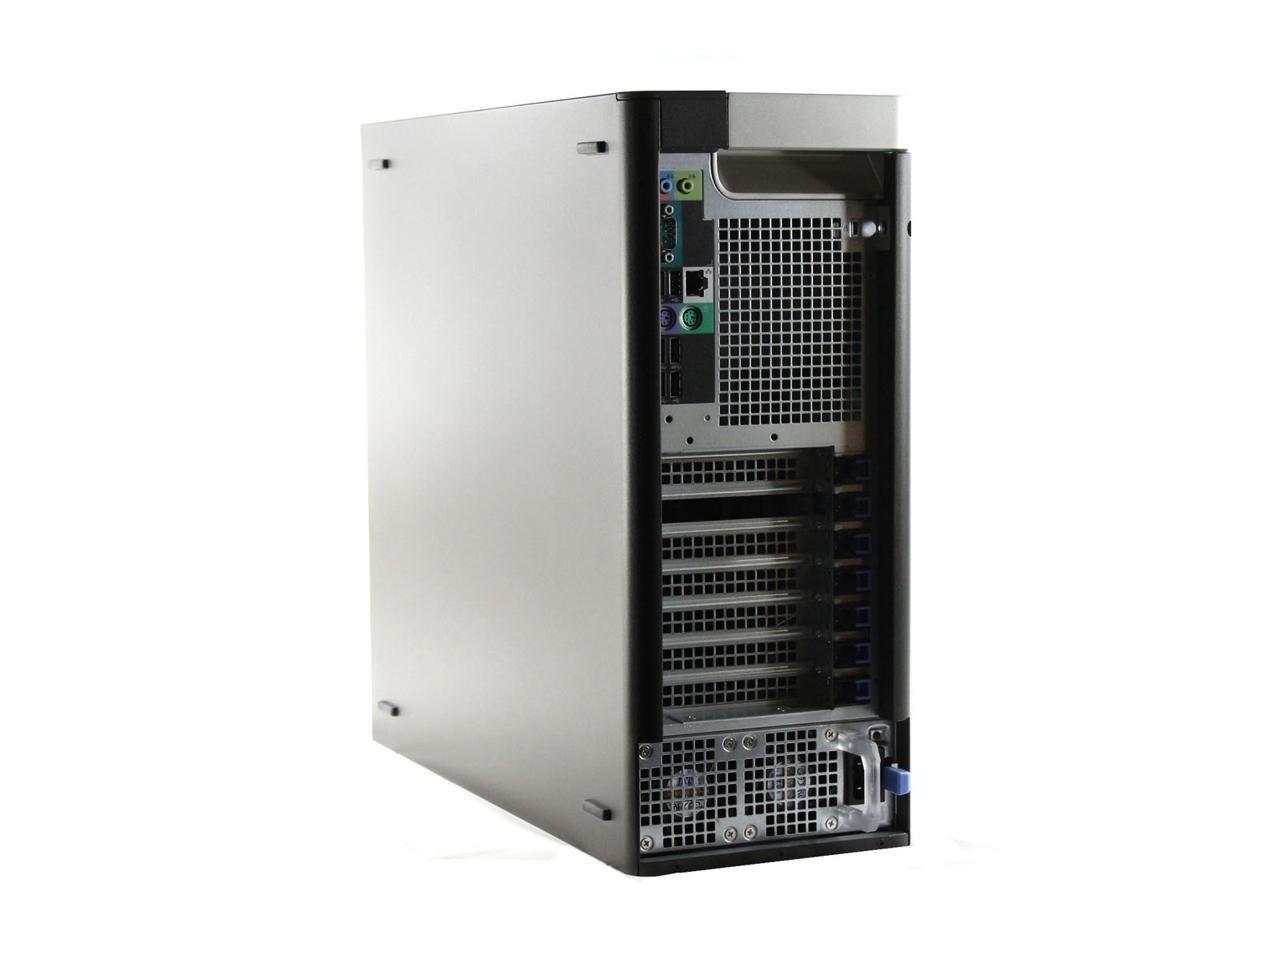 Dell Precision T3610 Workstation